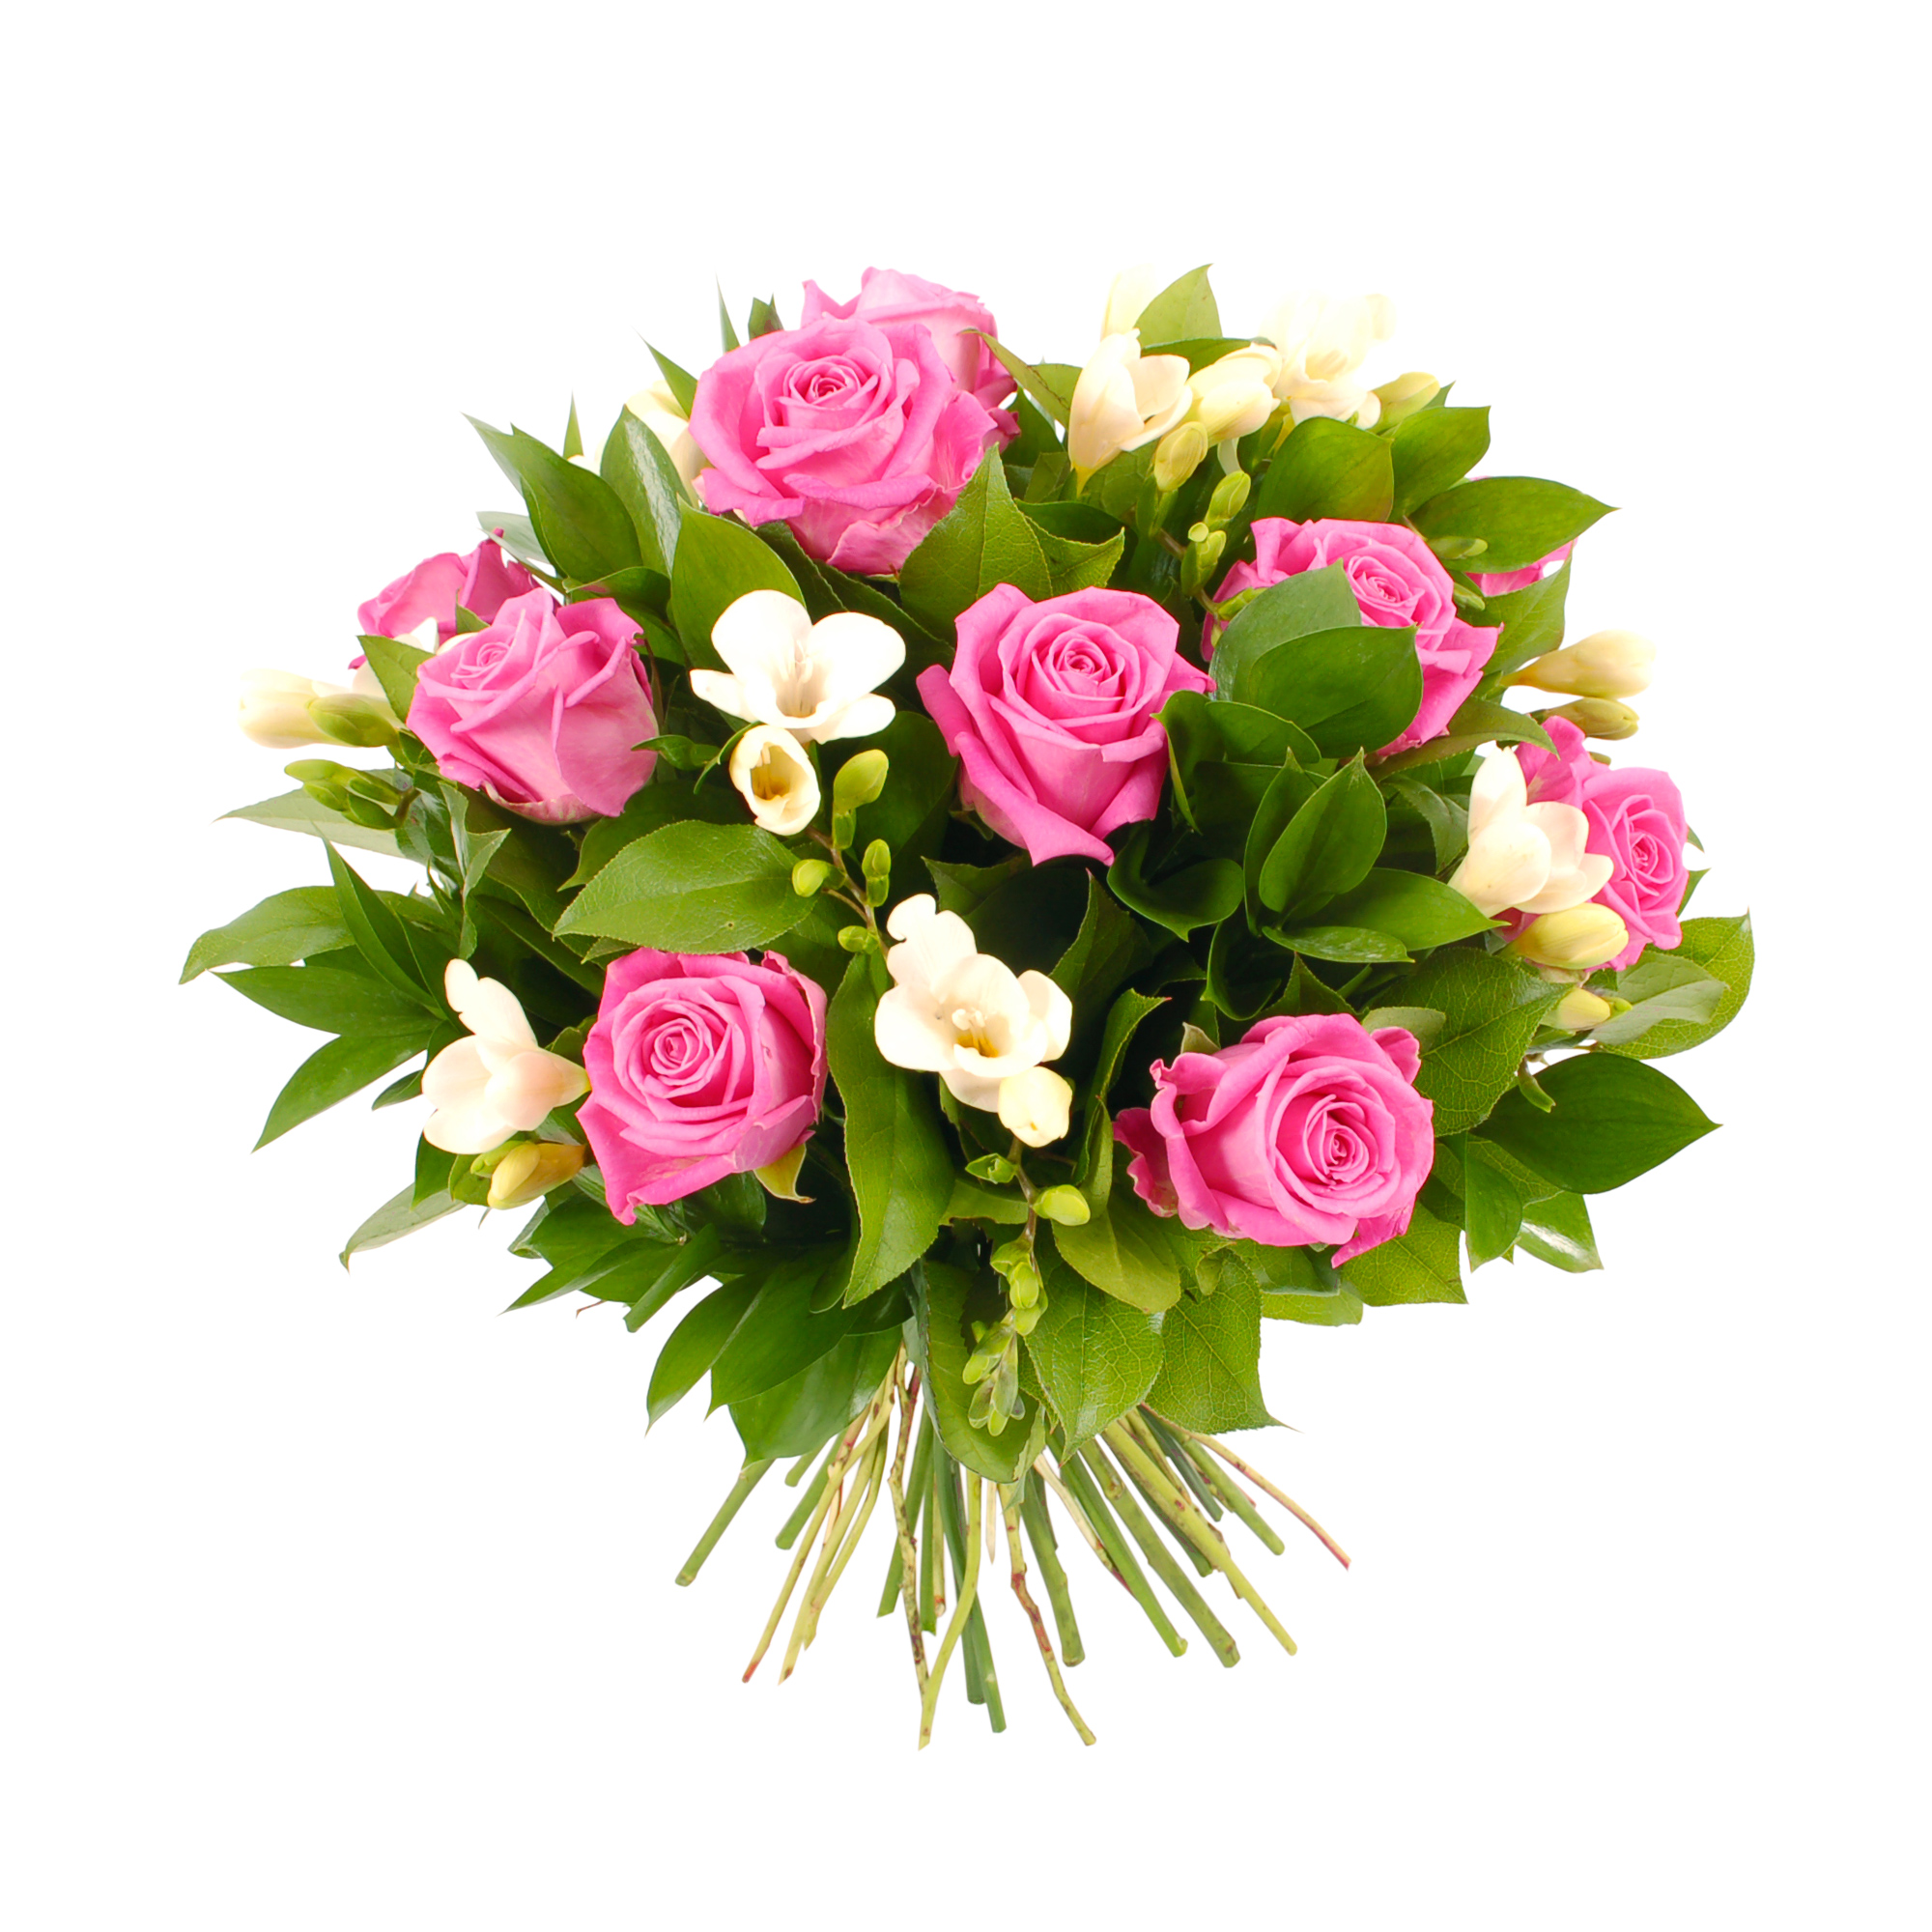 Happy mother 39 s day fox hollow cottage for Bouquet de fleurs hd